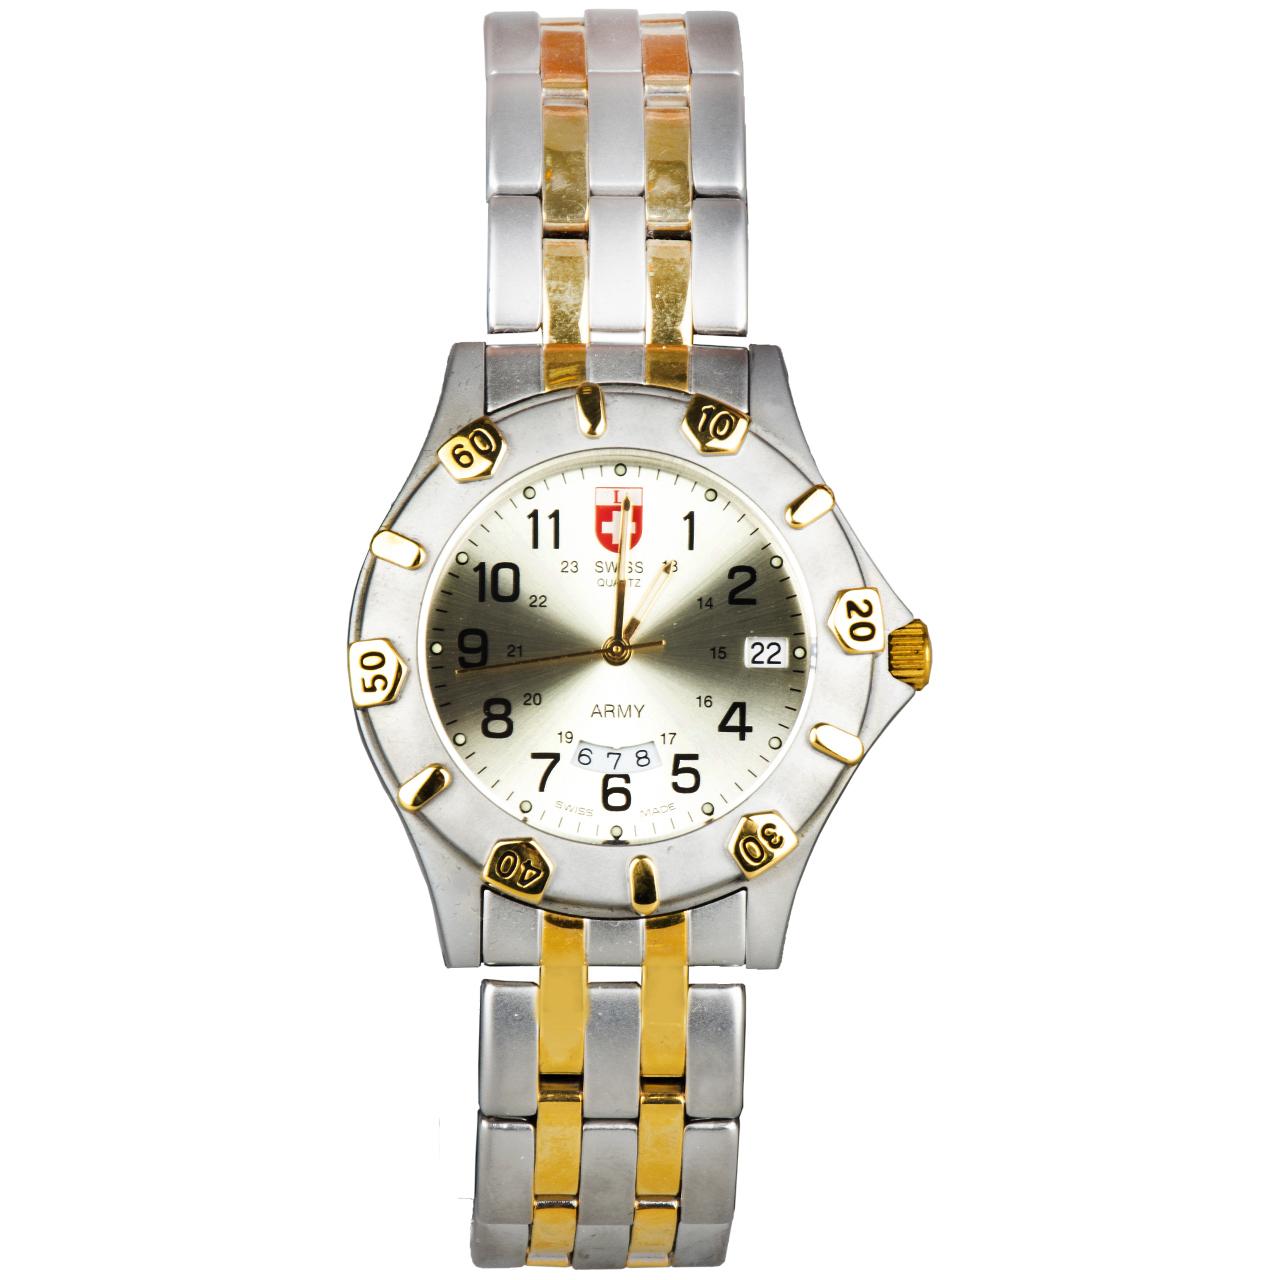 ساعت مچی عقربه ای سوئیس آرمی مدل 1271BIMB